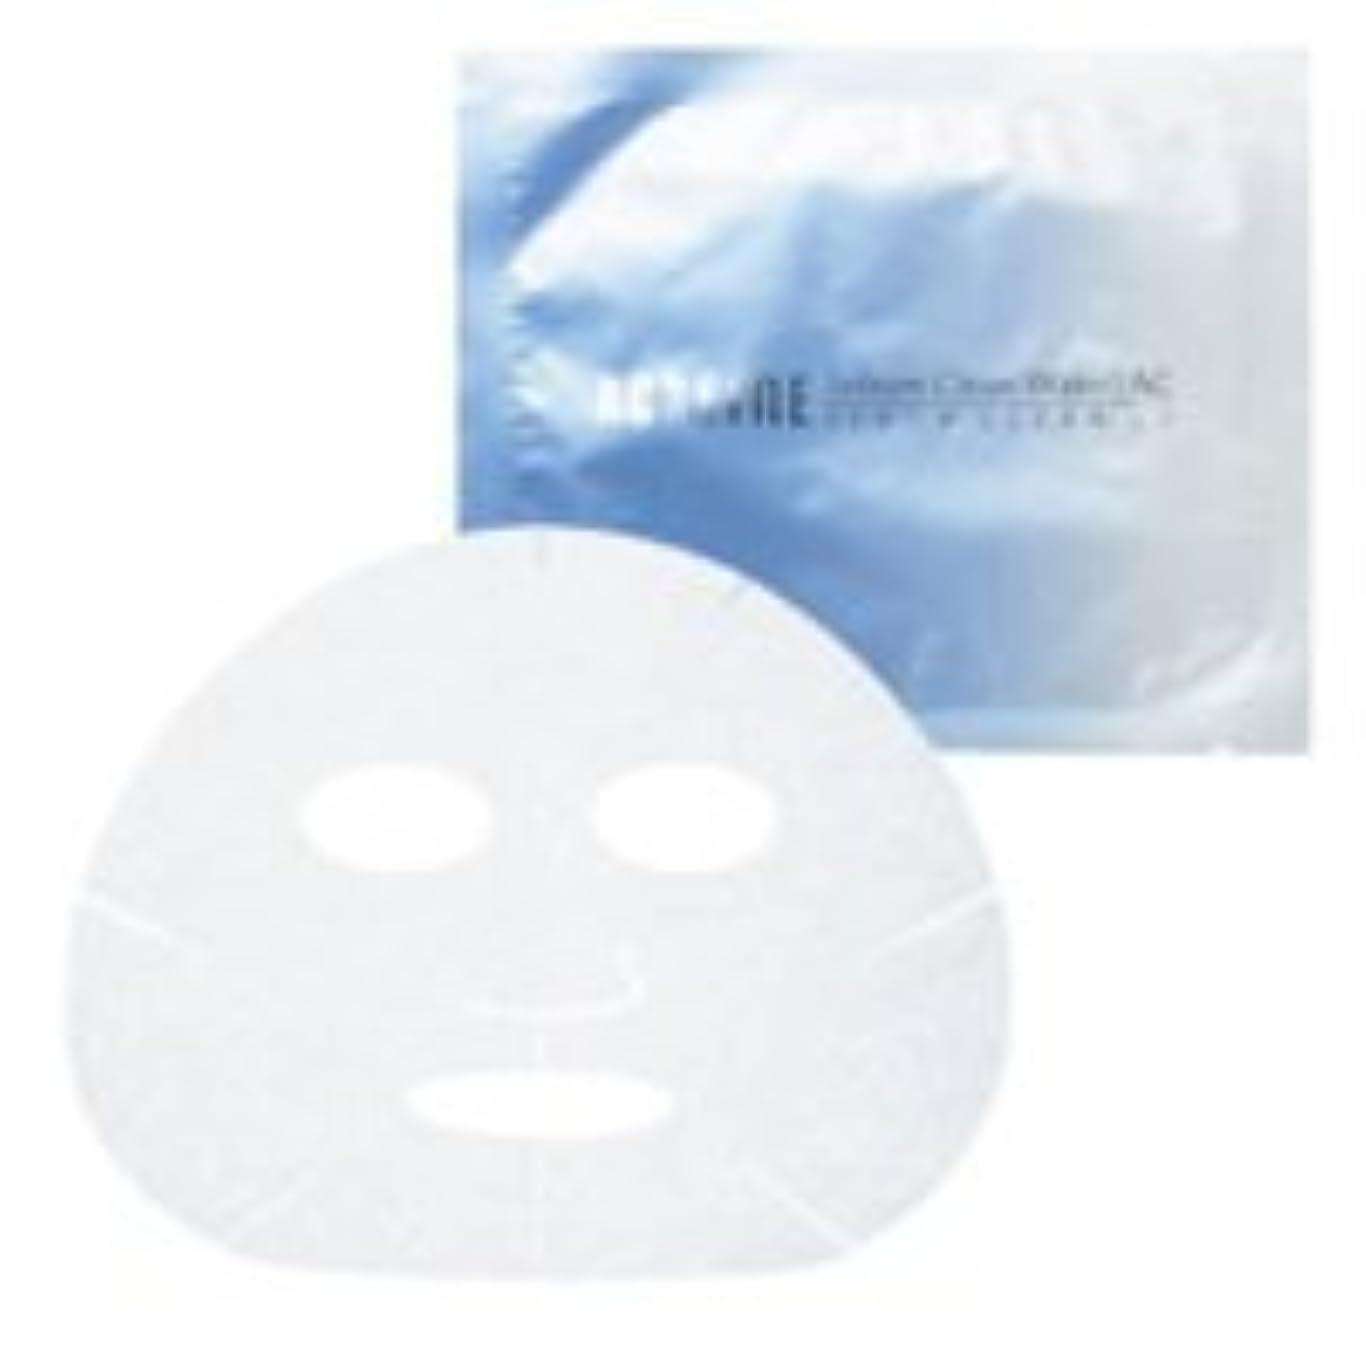 ACSEINE シーバムクリーン ウォーター ACモイストマスク 16ml×6枚 [並行輸入品]